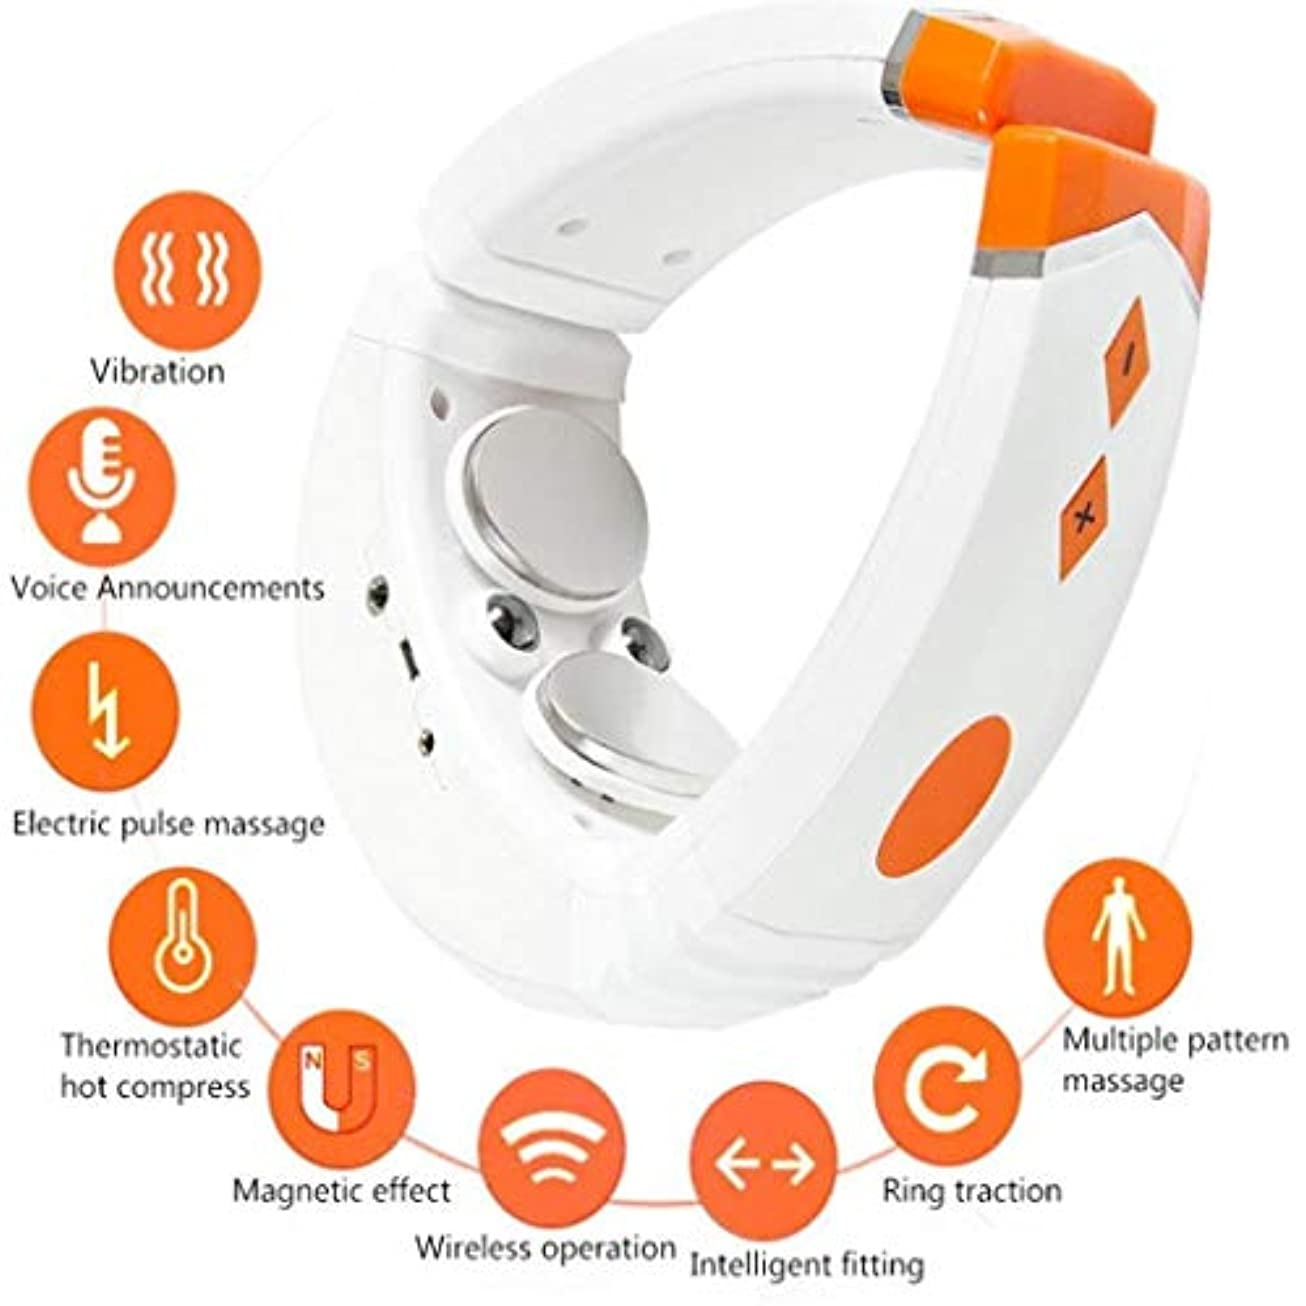 タンク文明とは異なり3Dスマート子宮頸マッサージ器、感電パルス理学療法機器、さまざまなマッサージ方法、USB充電、リングトラクション、マグネット、Bluetooth音楽、車/ホームオフィス首振動マッサージ